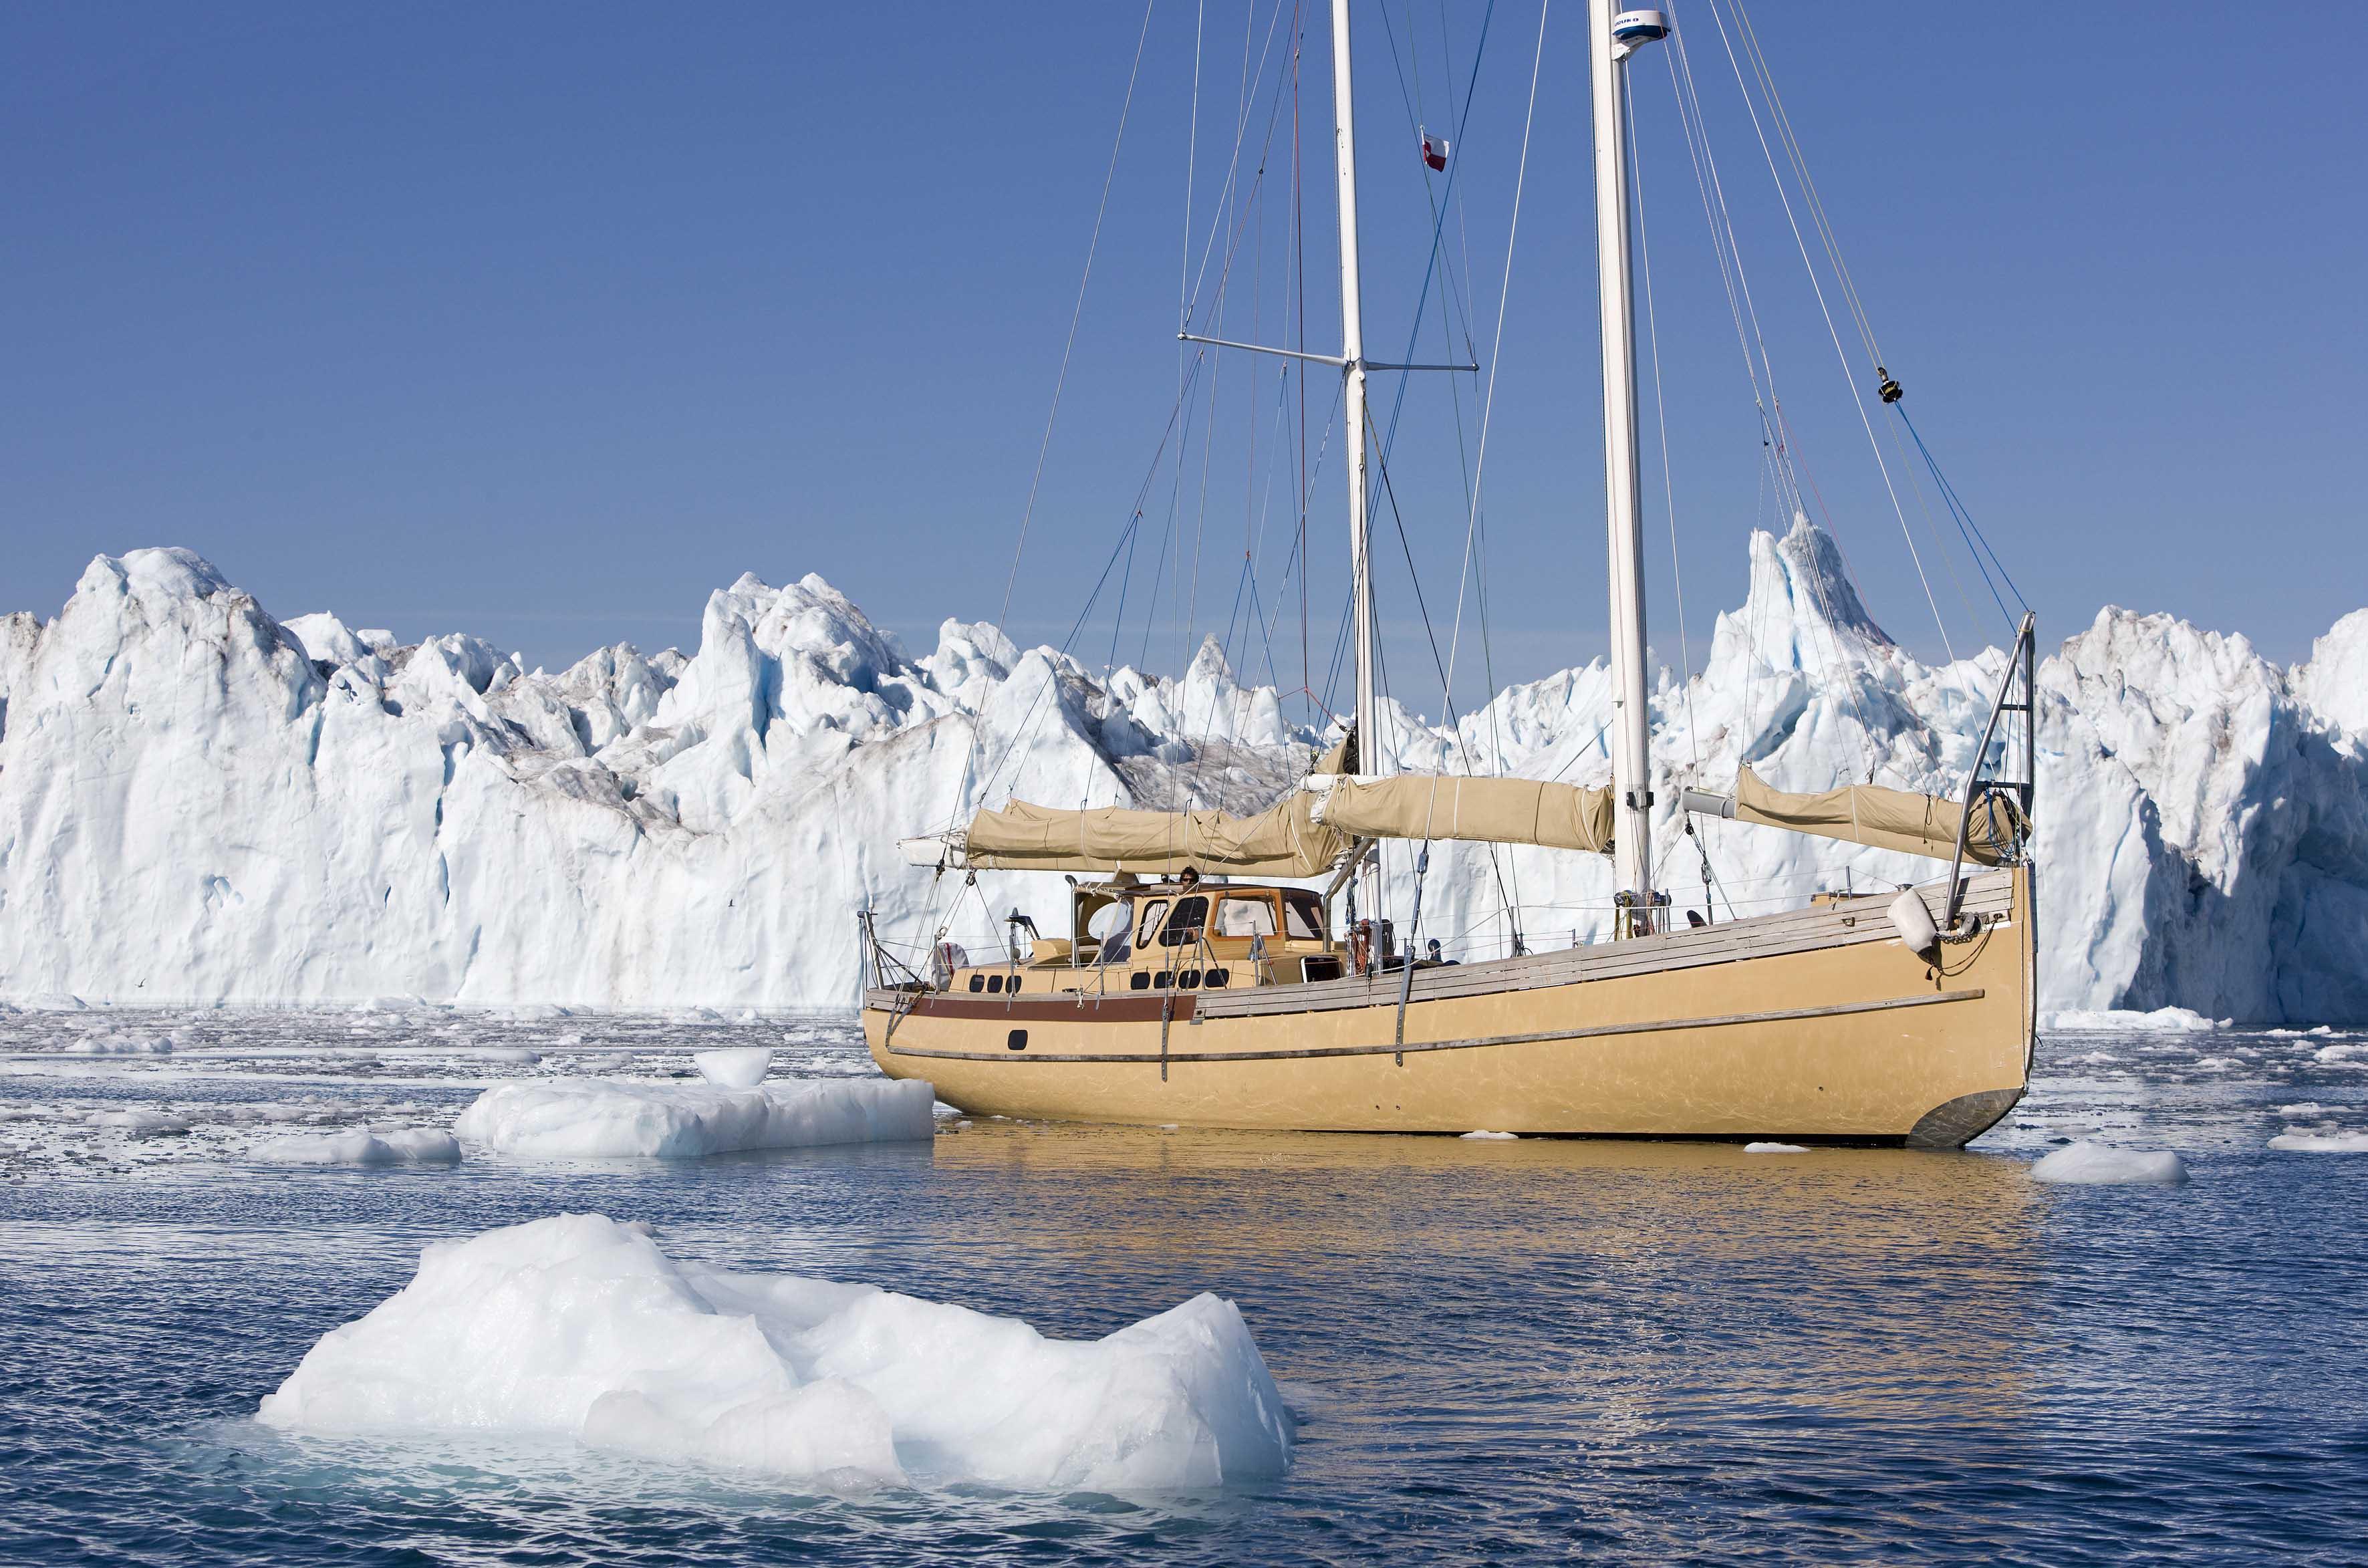 """11_25668 ©ThMartinez/Sea&Co. ILULISSAT - GREENLAND, 31 Juillet 2011. """"LA LOUISE"""" dans le glacier d'Ilulissat - Groenland. (69°12 N - 51°08 W). """"LA LOUISE"""" in Icefjord of Ilulissat."""